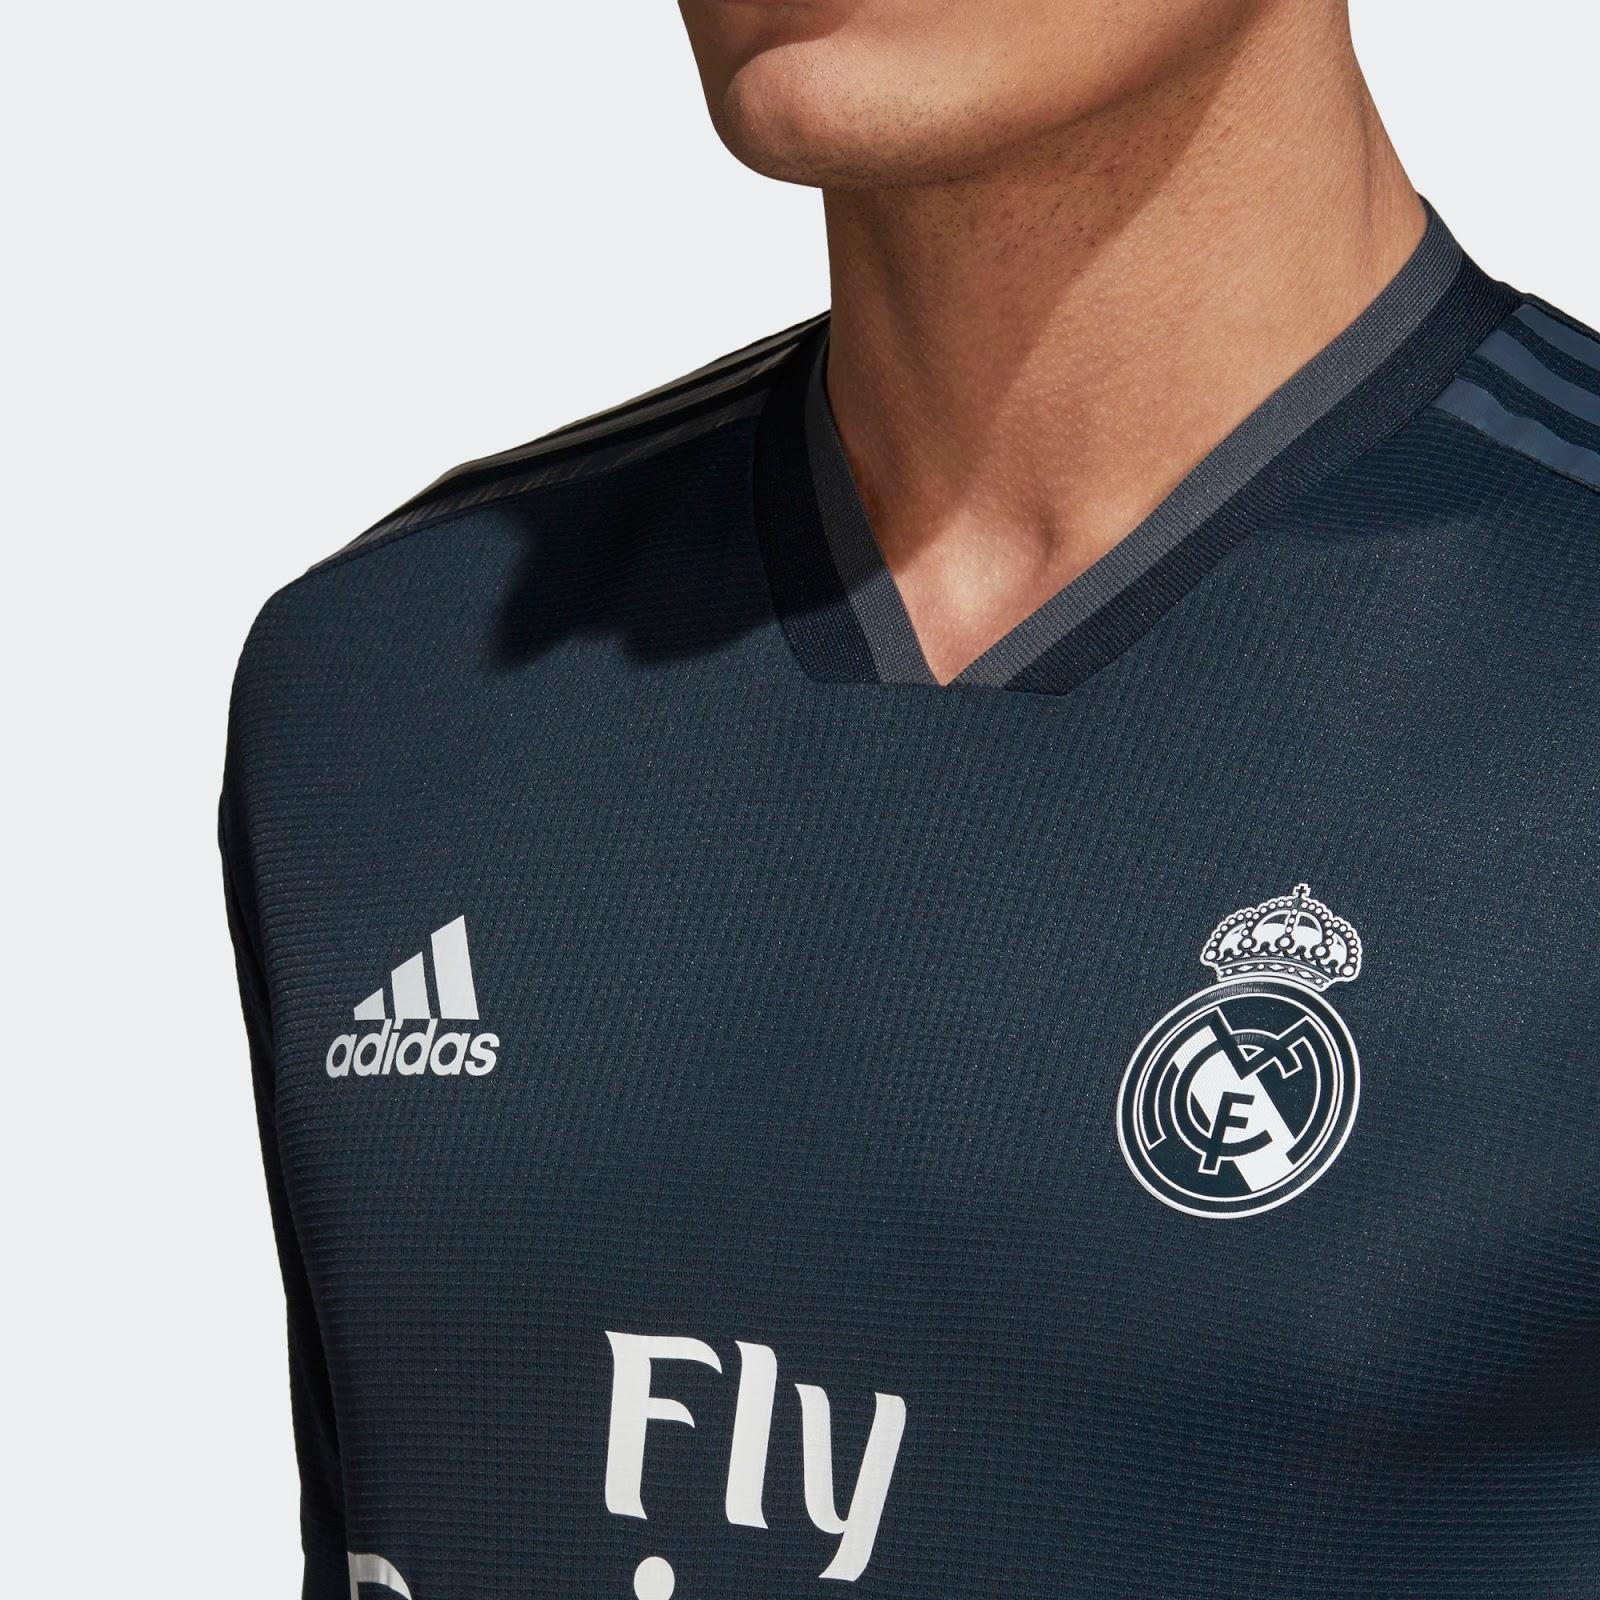 Real Madrid 18-19 Away Kit Released - Footy Headlines